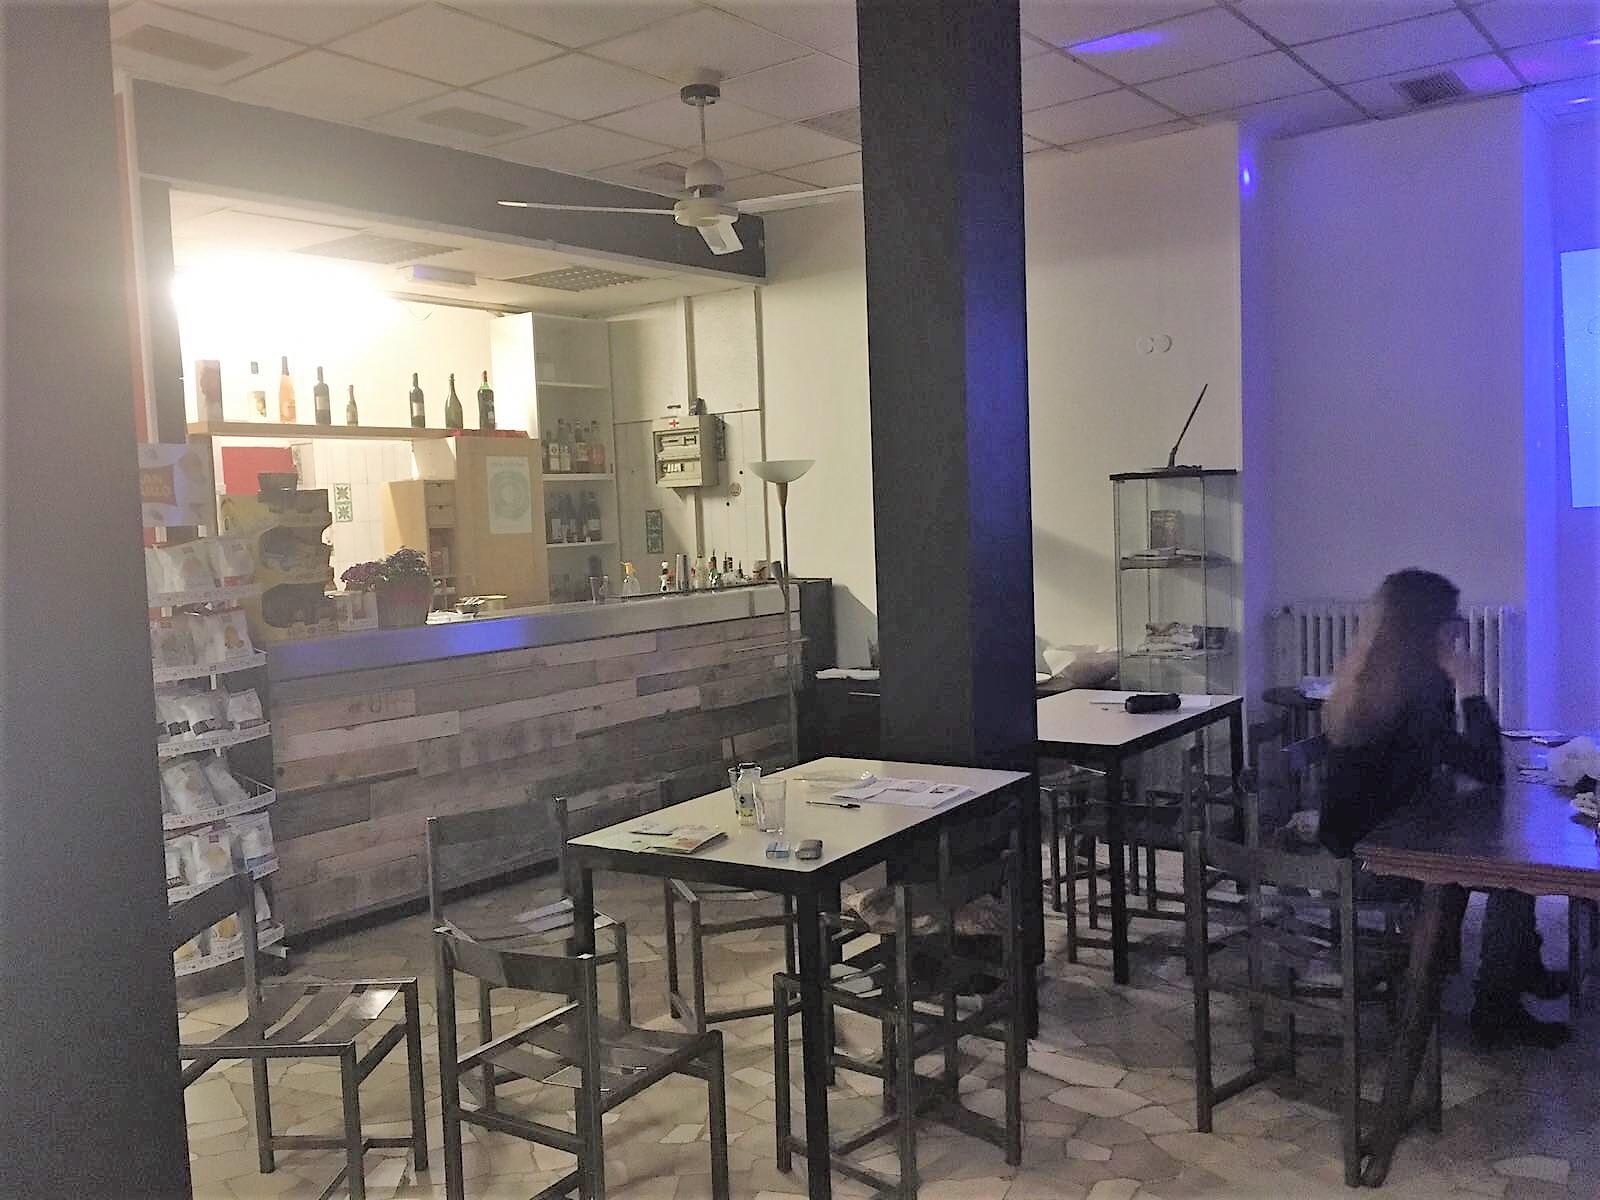 Saletta privata per festa 18 anni zona mecenate su festa - Tavoli addobbati per diciottesimi ...